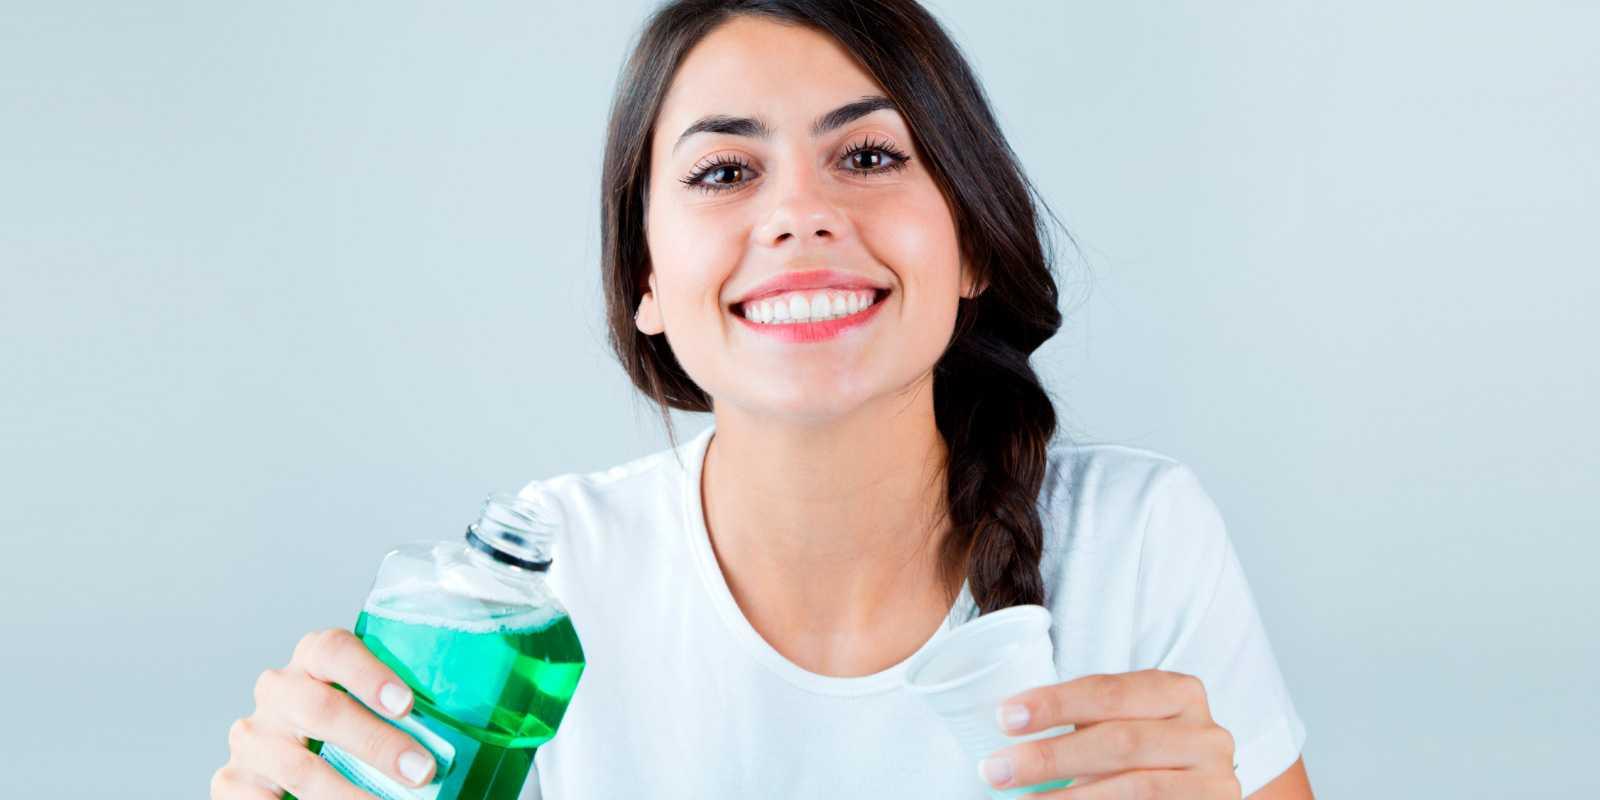 Colutorio dental: tipos de enjuague bucal